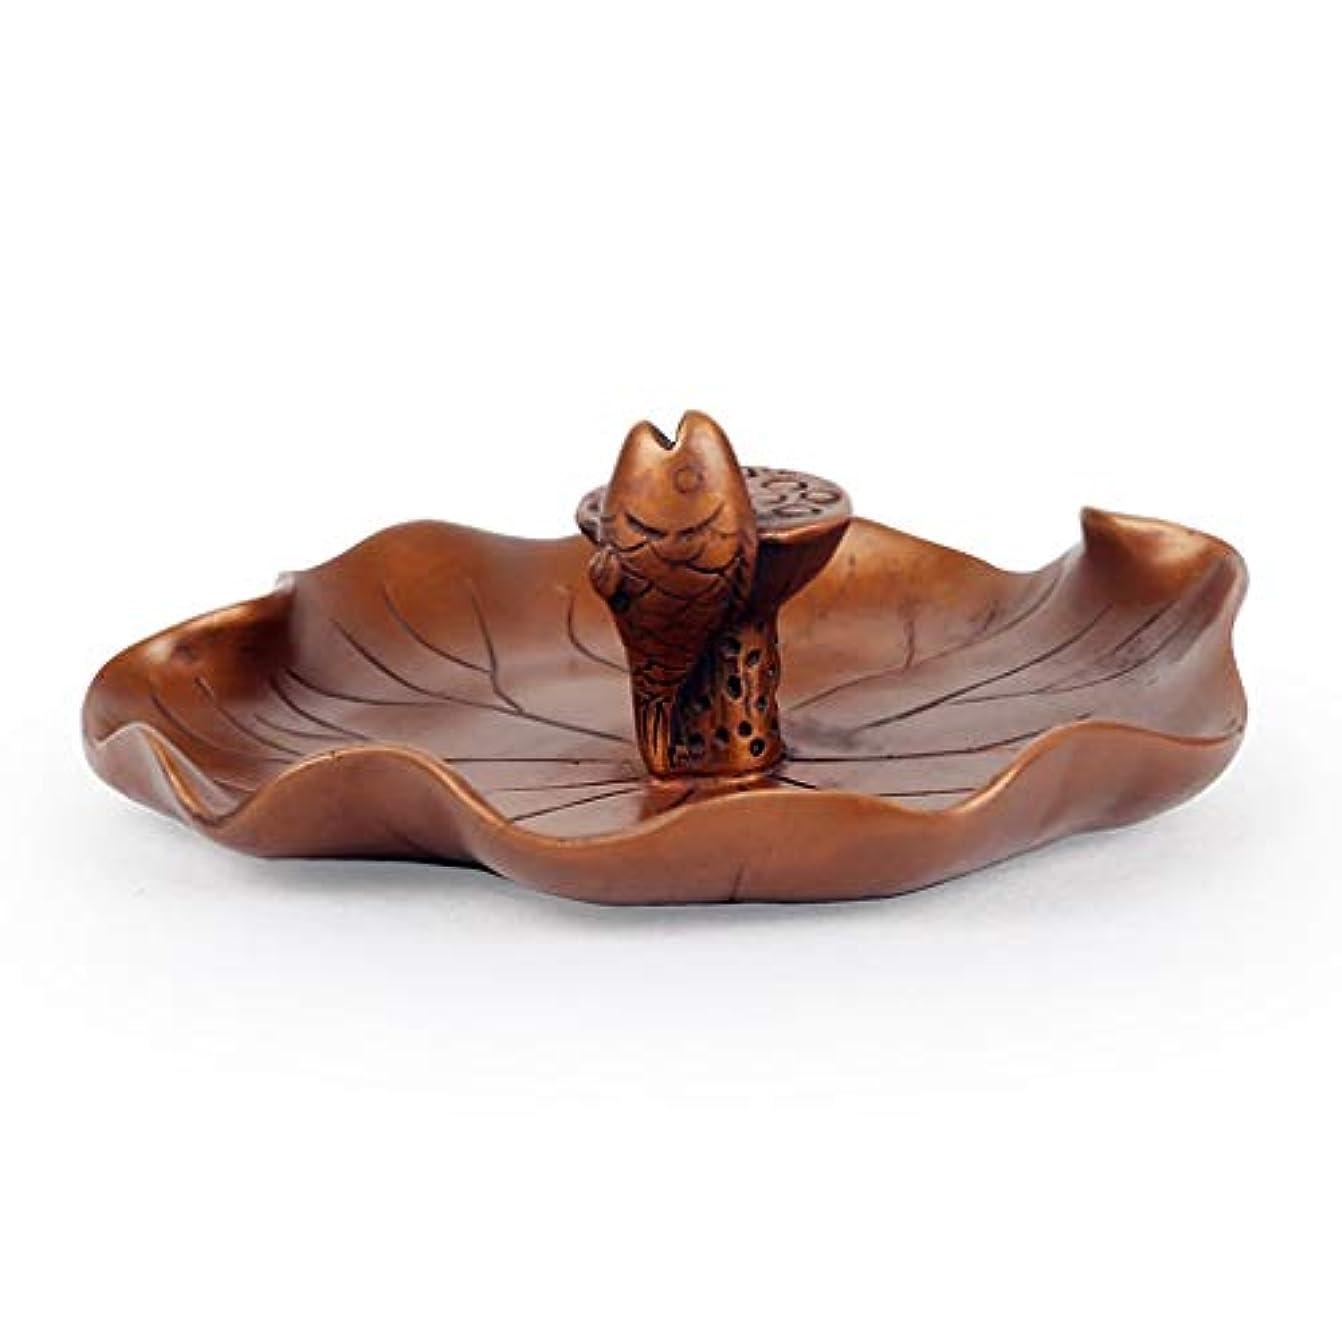 超越する磨かれた気味の悪い芳香器?アロマバーナー 還流香炉ホーム香りの良い禅禅ラッキー鑑賞新しいクリエイティブアガーウッド香バーナー装飾 アロマバーナー (Color : Brass)